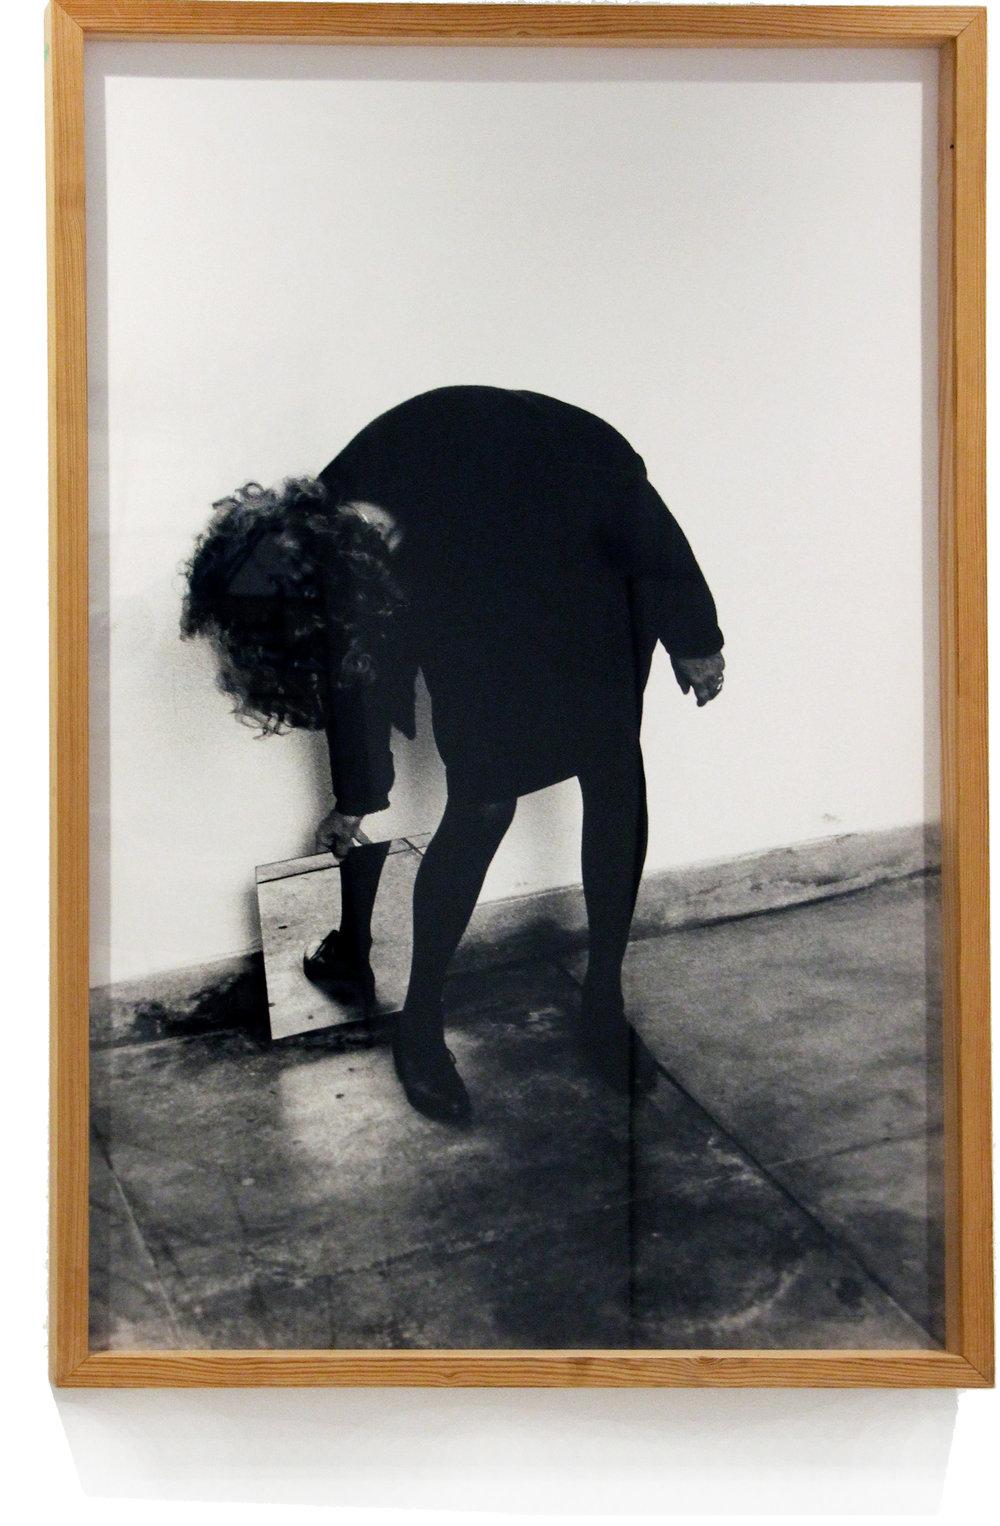 Helena Almeida    Dentro de mim, 2000  Photography on paper  132 x 90 cm